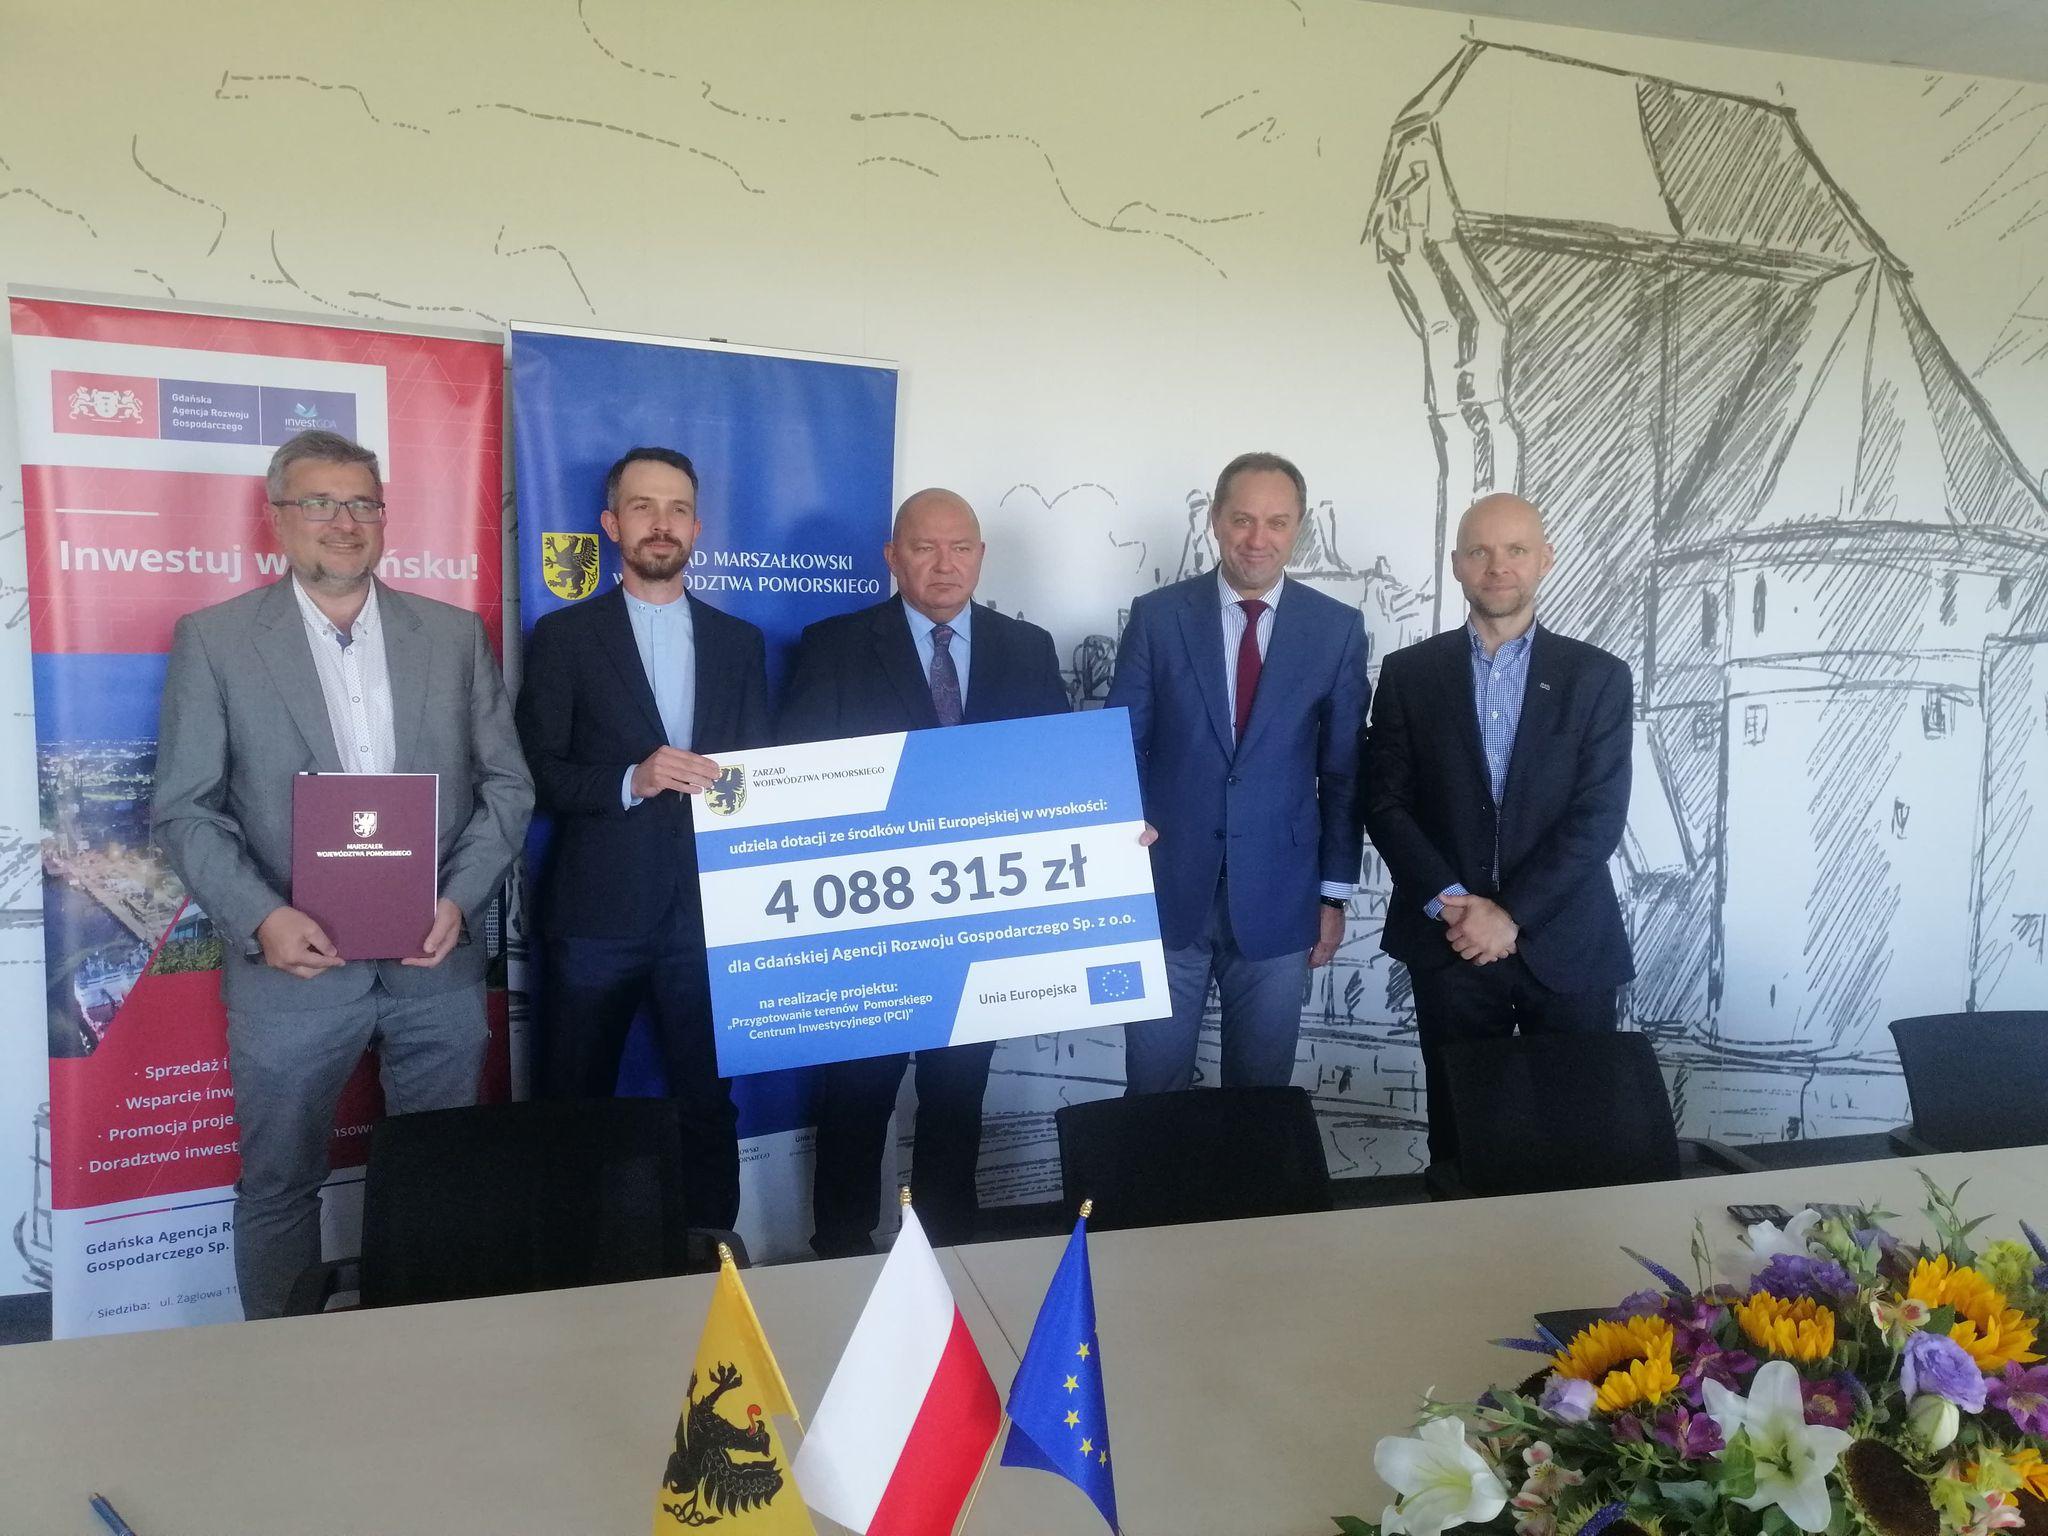 Pomorskie Centrum Inwestycyjne w Gdańsku z unijną dotacją